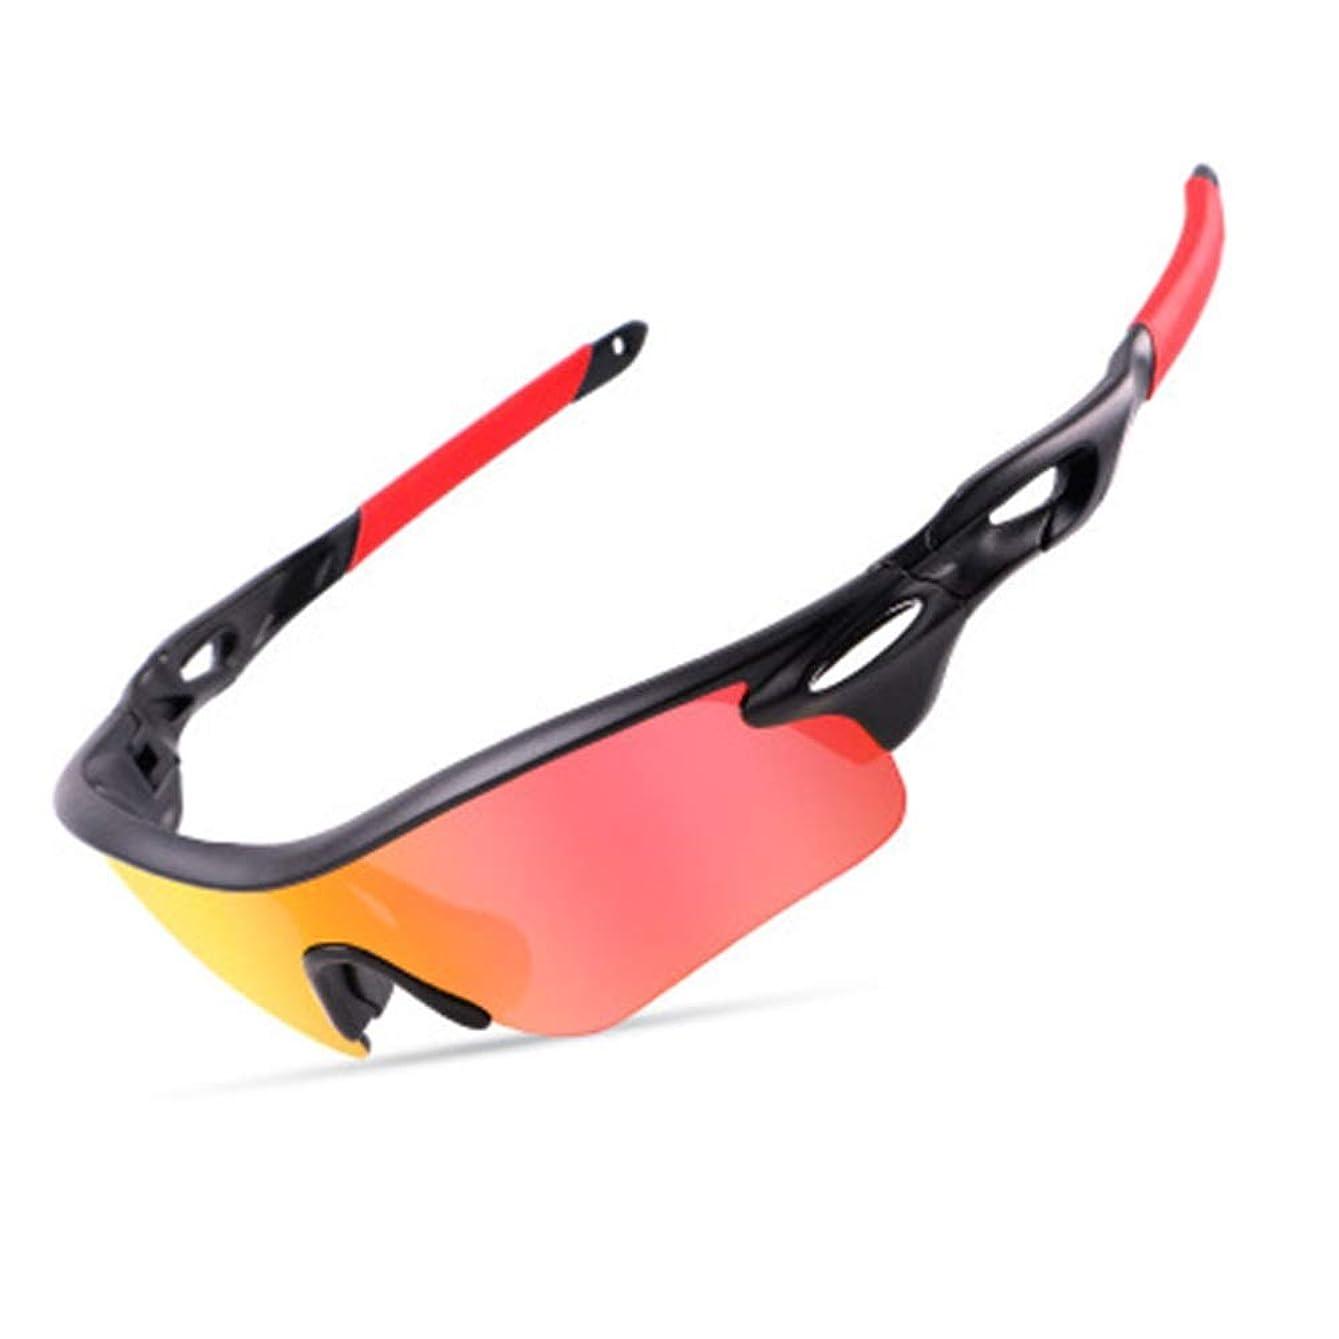 パン屋洞窟ボンド自転車メガネ 男性の女性のための運転釣りゴルフサイクリングサングラスを実行しているスポーツサングラスサイクリング 超軽量マウンテンバイクメガネ (色 : Red, Size : One size)